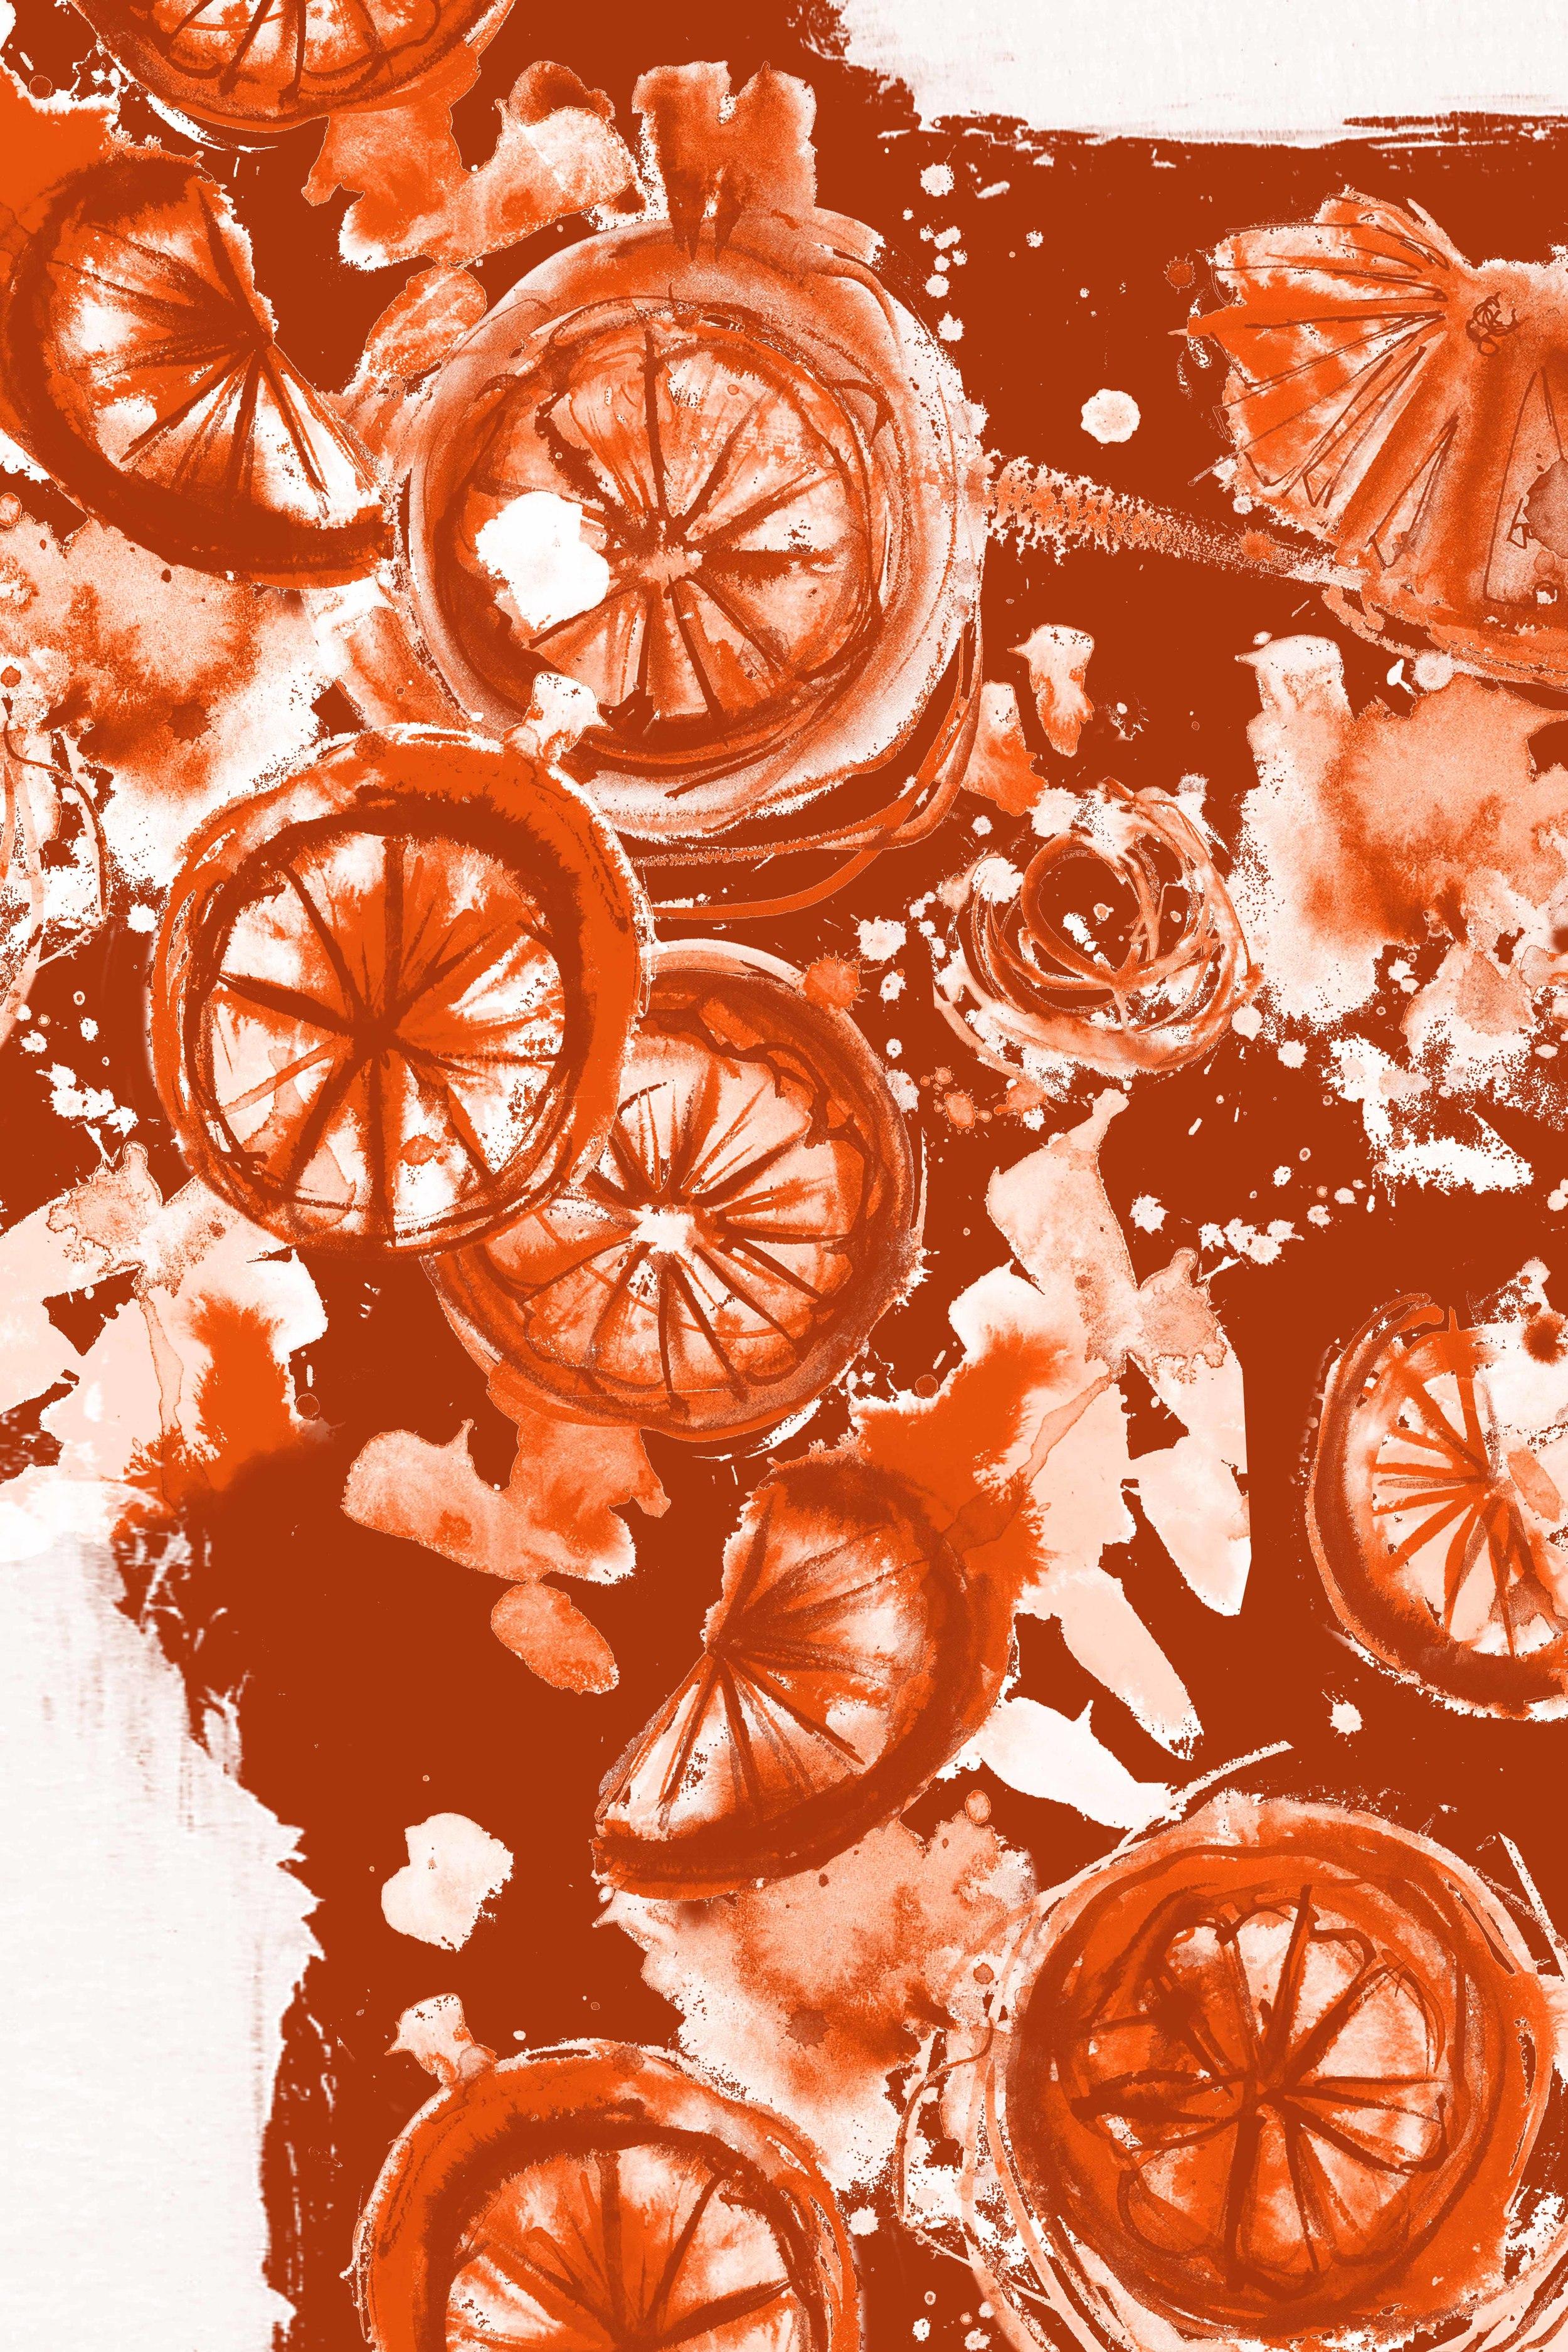 Blood oranges16x24smaller.jpg